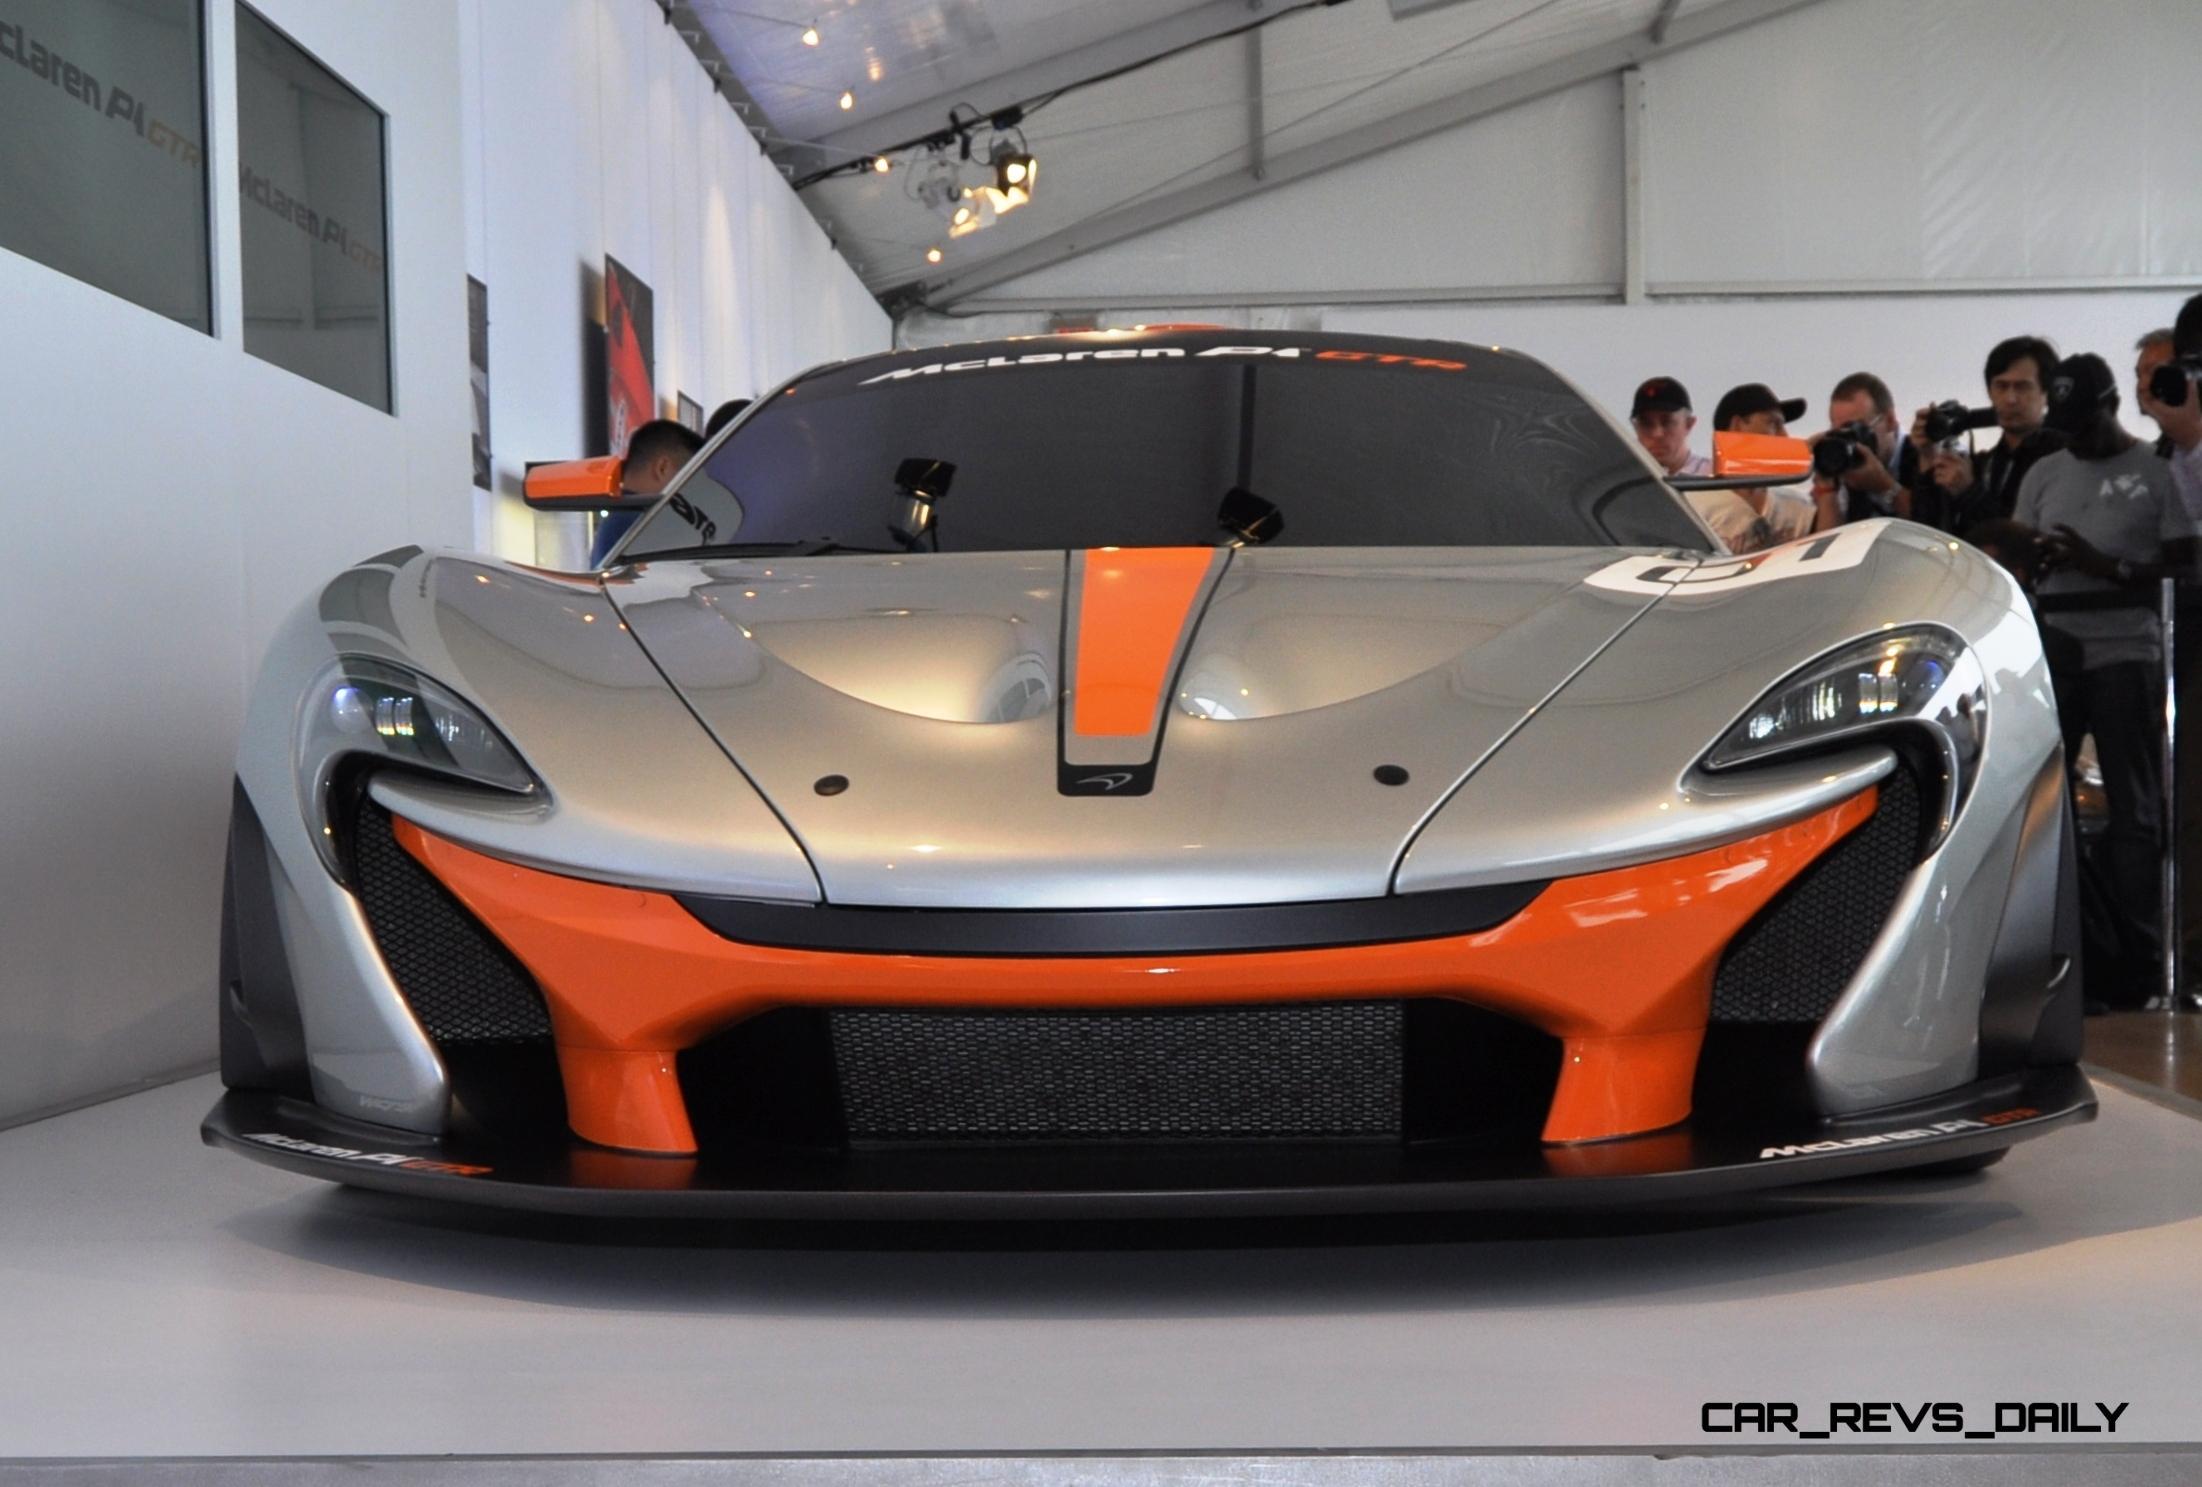 2015 McLaren P1 GTR - Pebble Beach World Debut in 55 High-Res Photos 15